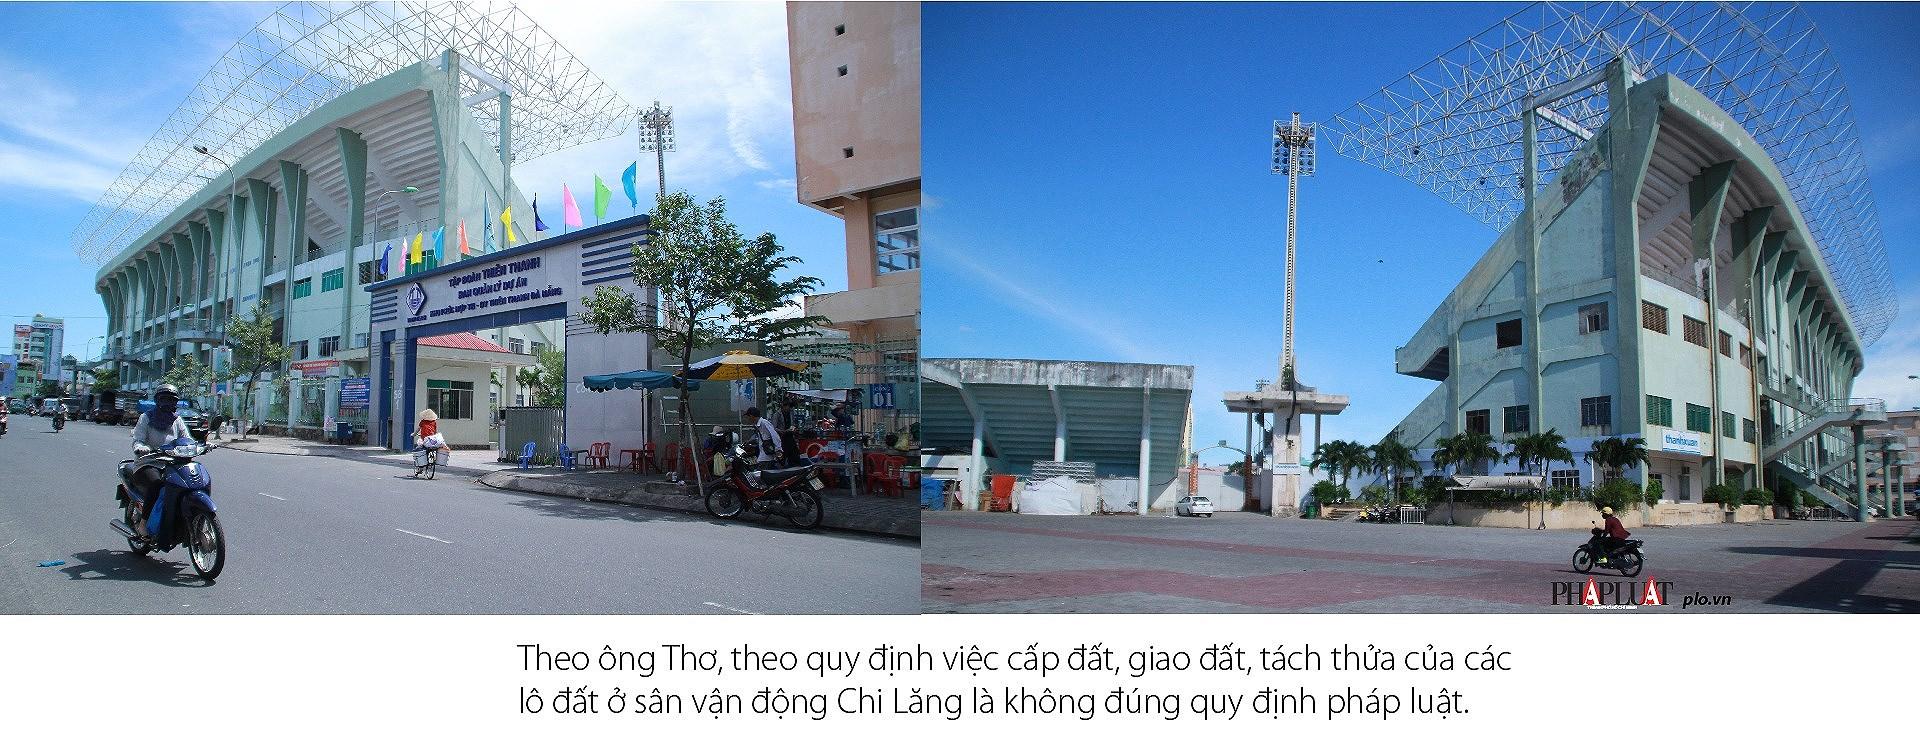 Đà Nẵng qua một năm sóng gió - ảnh 15